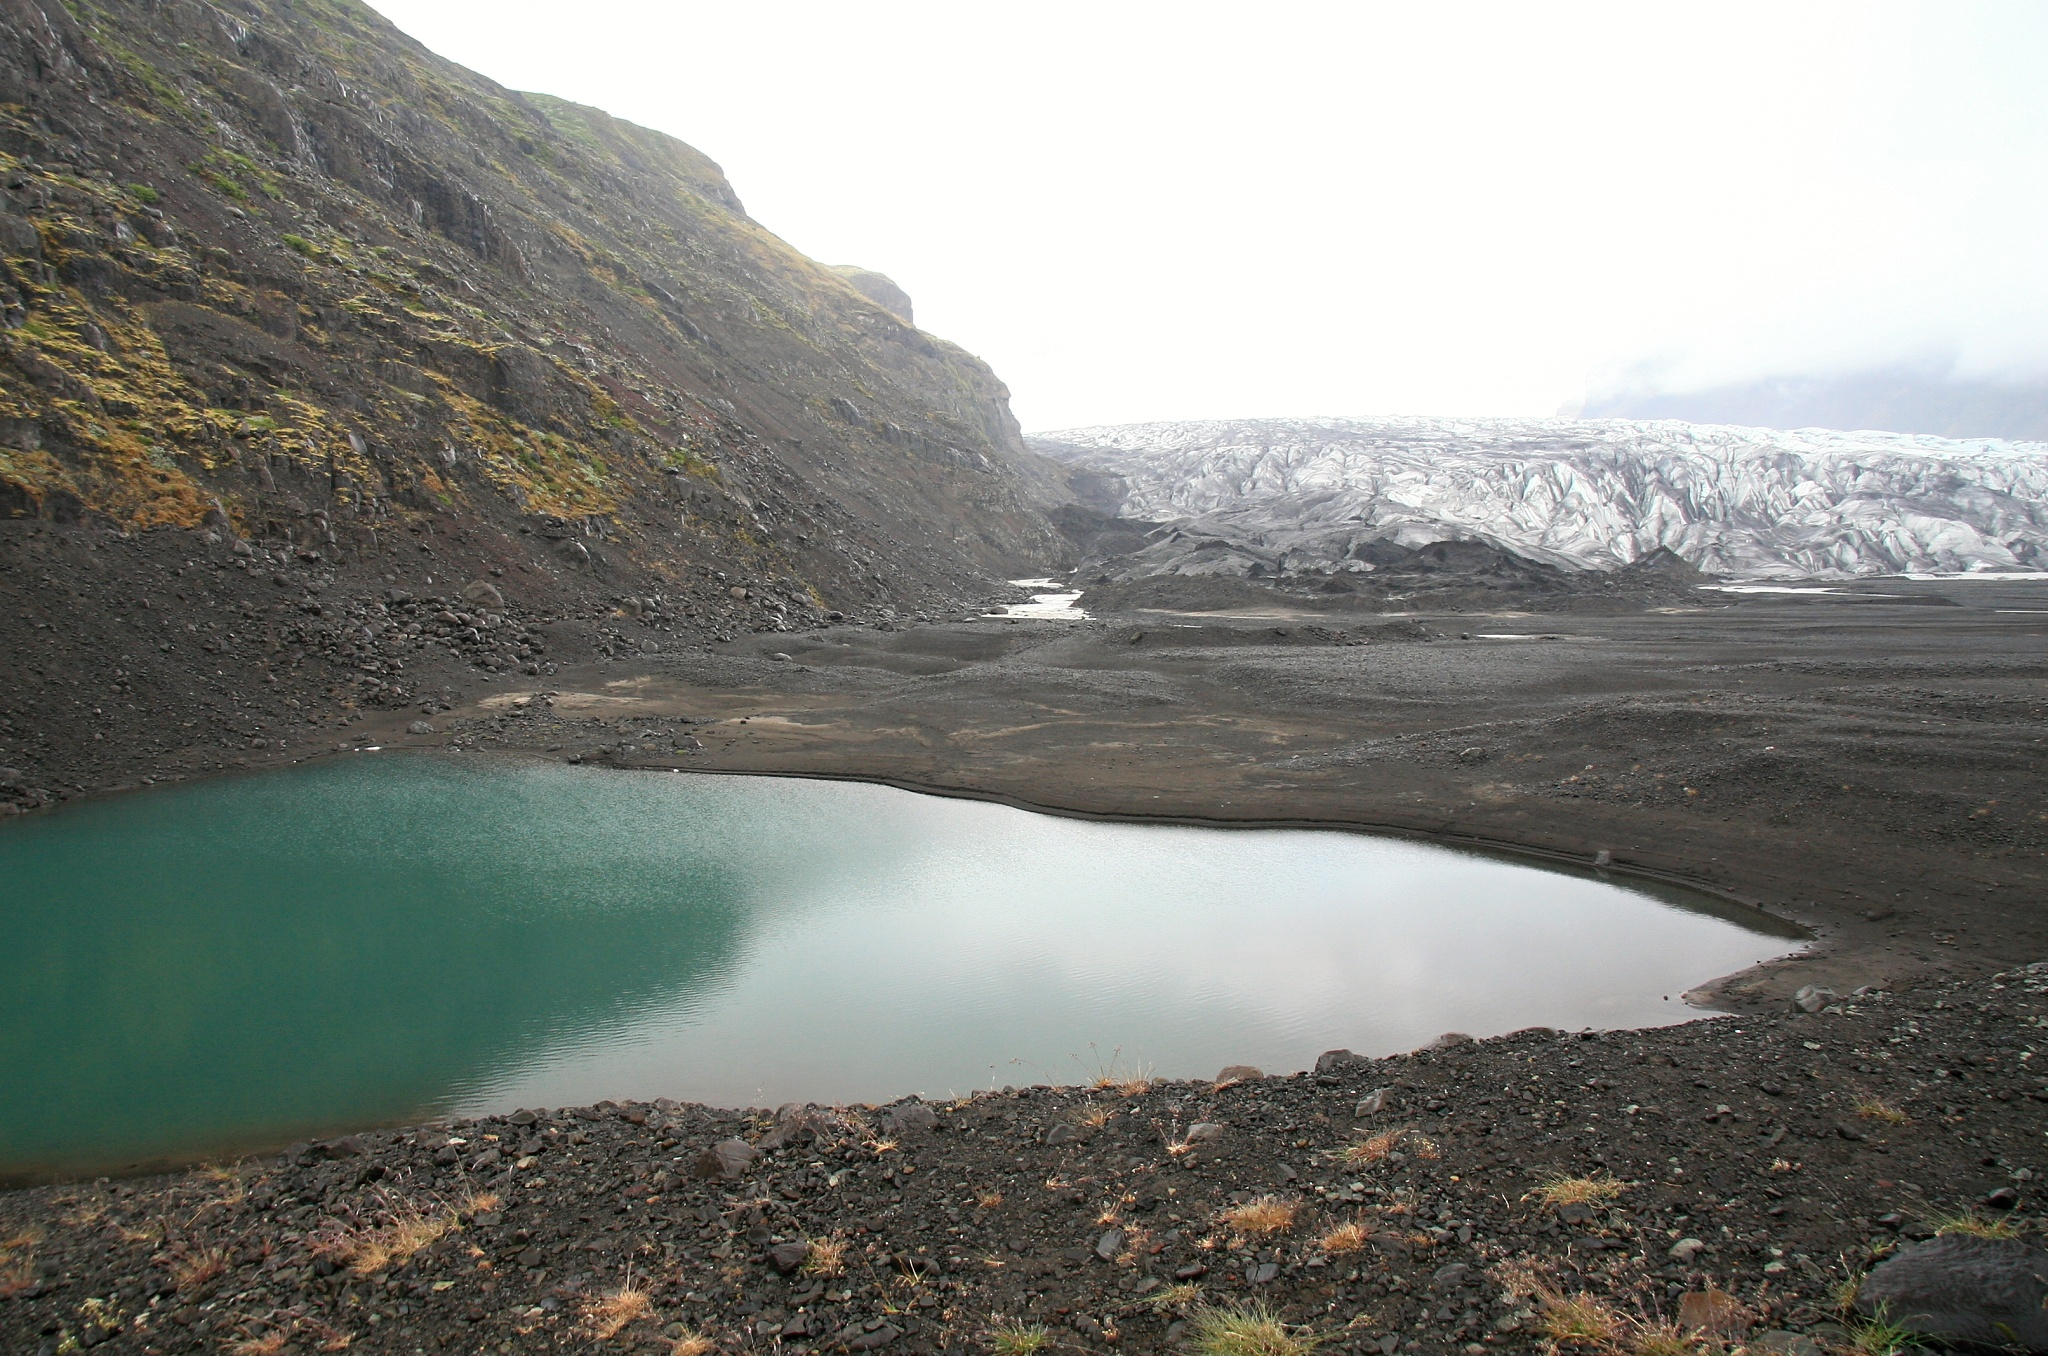 Malé jezírko u splazu ledovce Skaftafellsjökull.